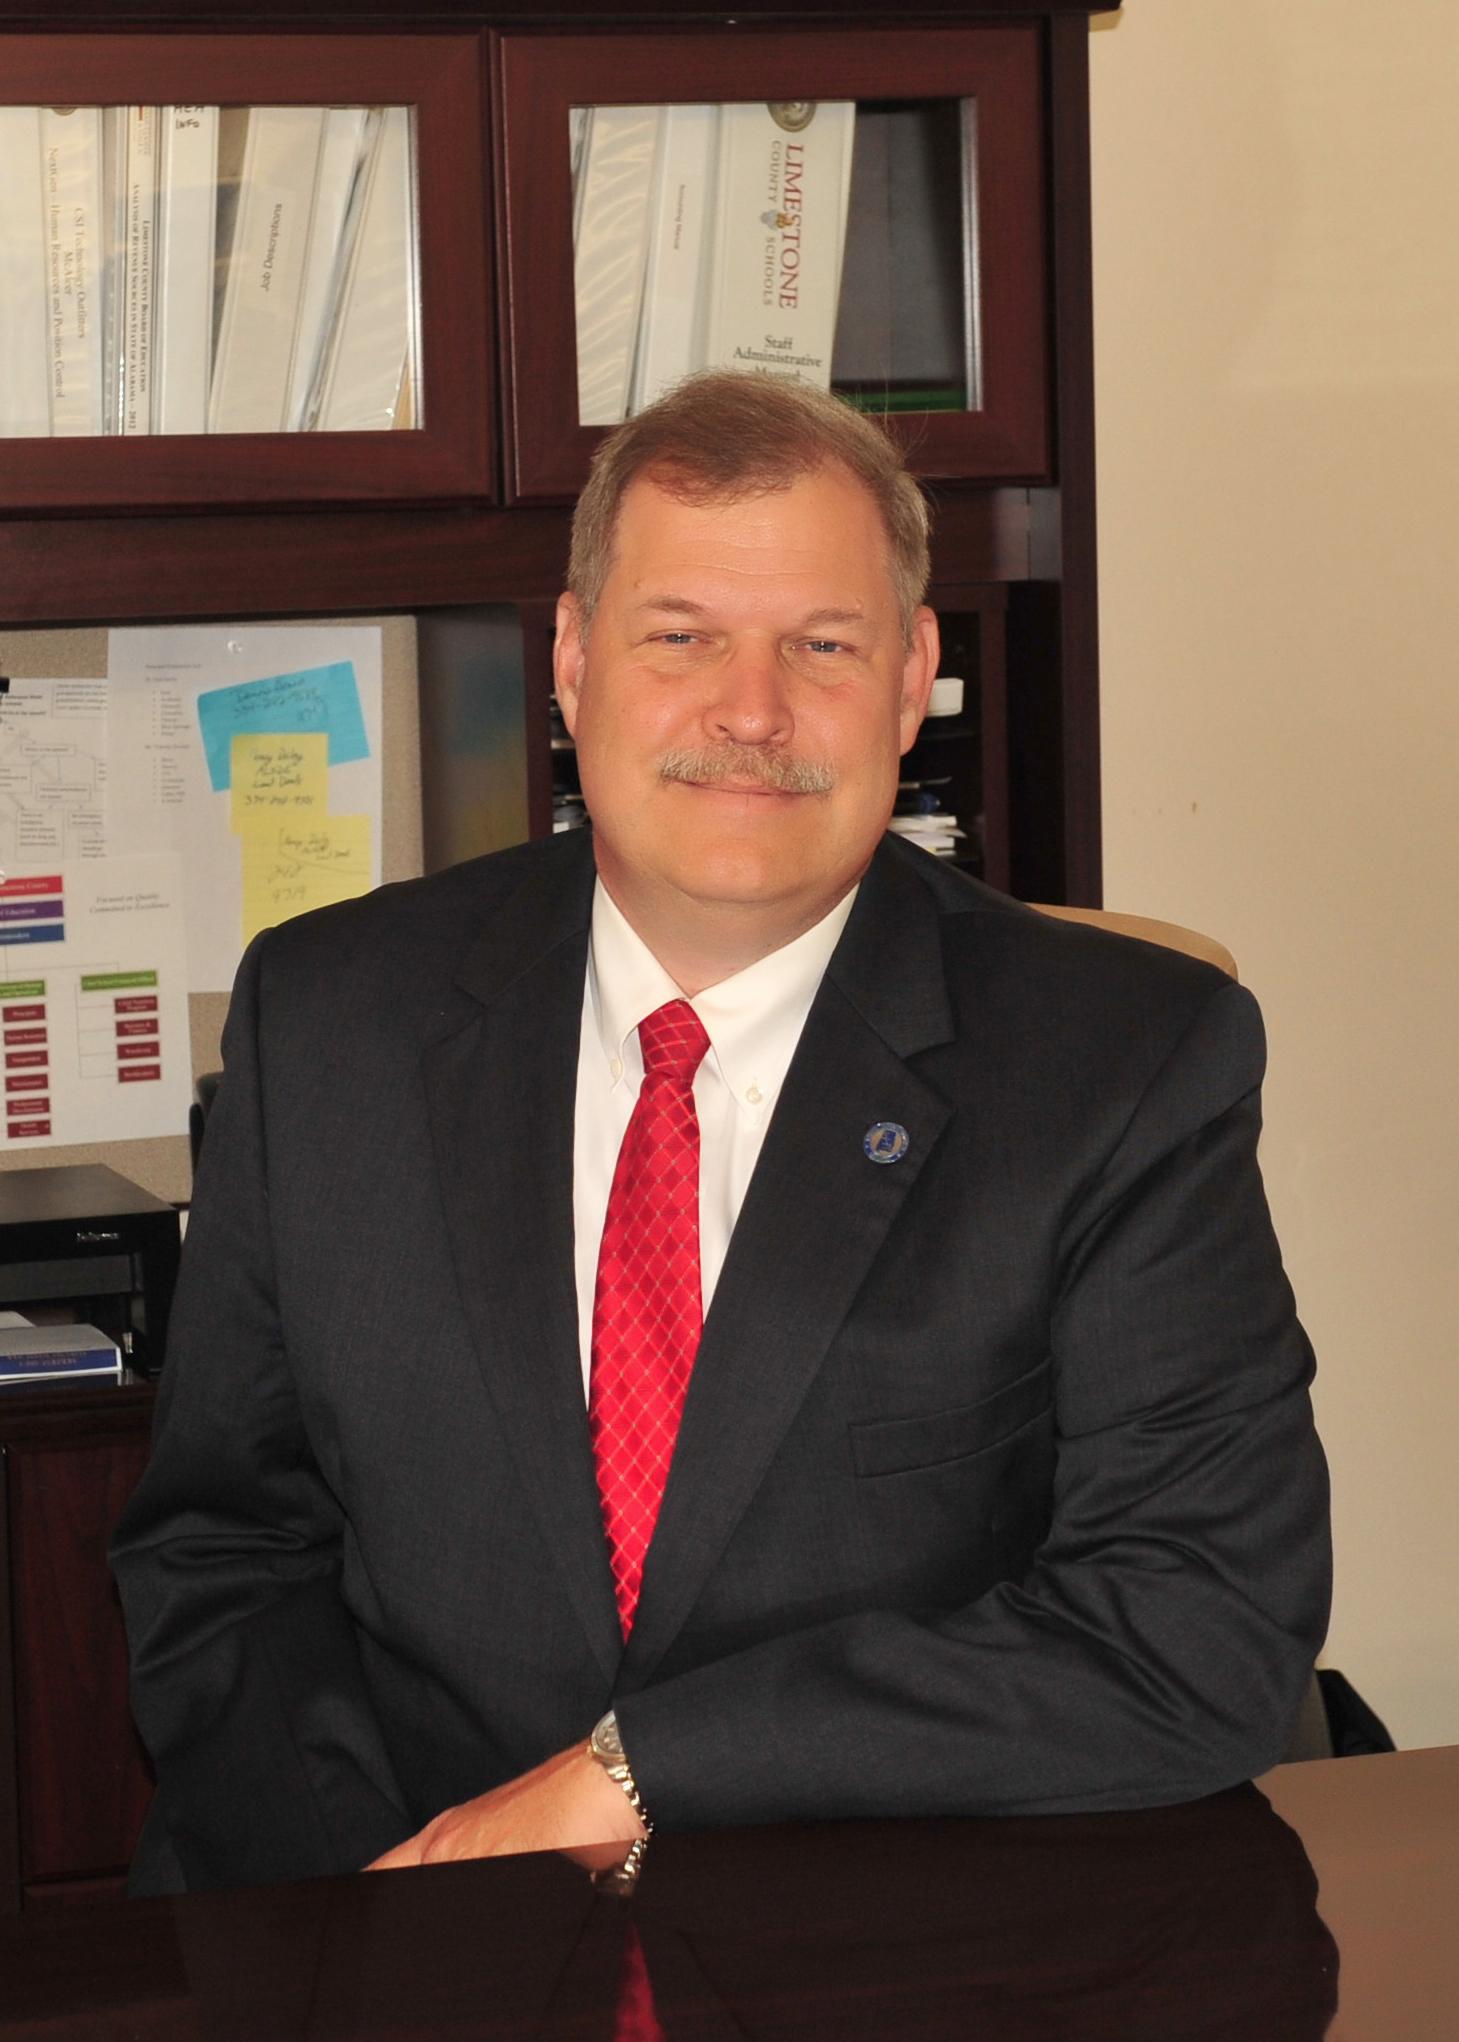 Tom Sisk, Superintendent